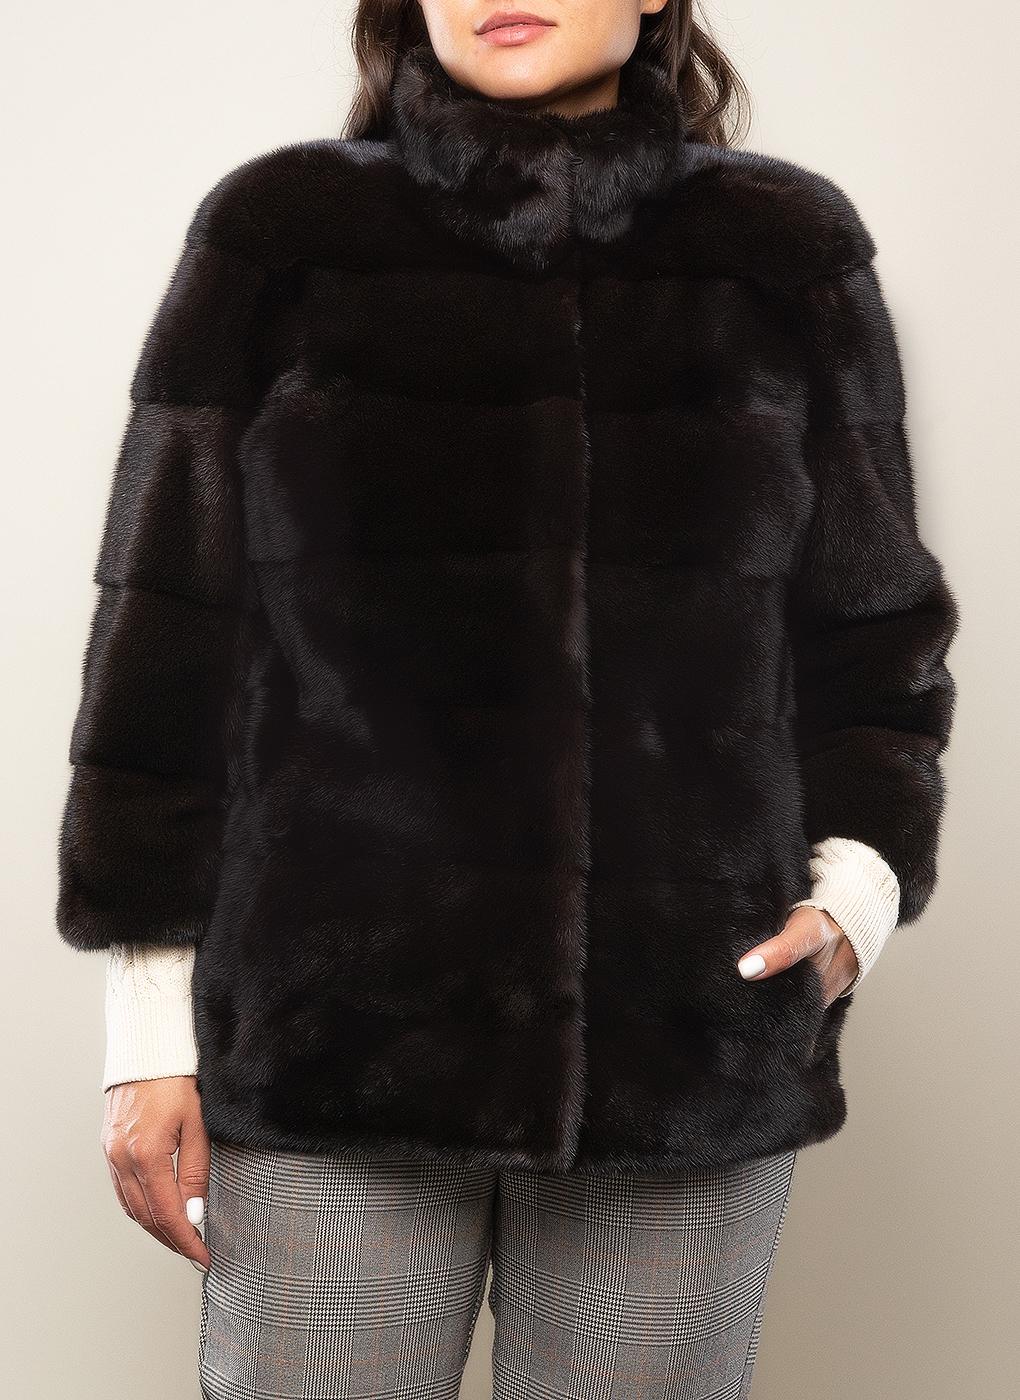 Норковая куртка Джульетта 01, Новый Меховой фото